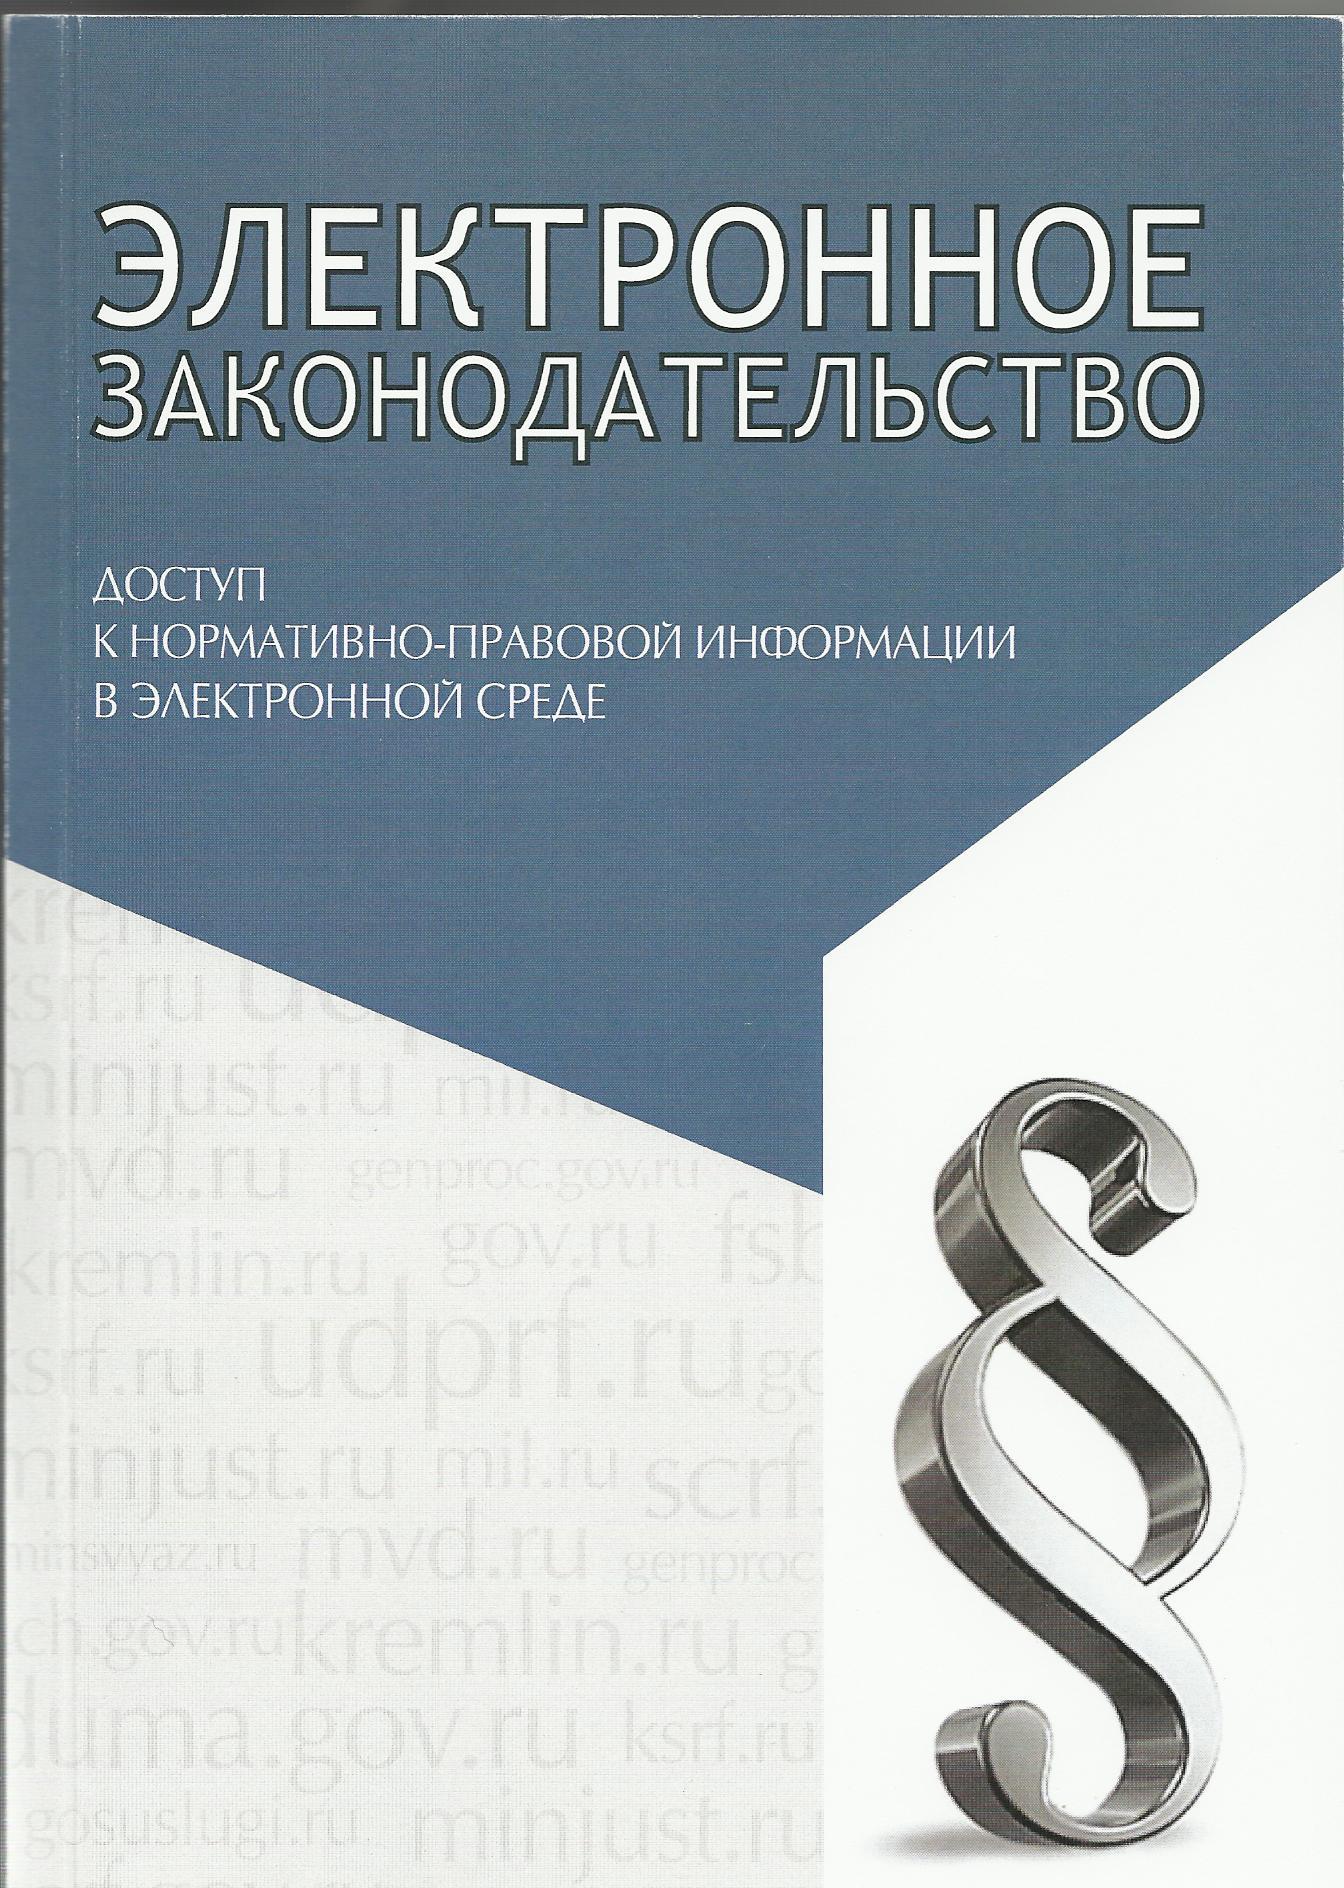 Три эпохи официального опубликования (обнародования) нормативных правовых актов